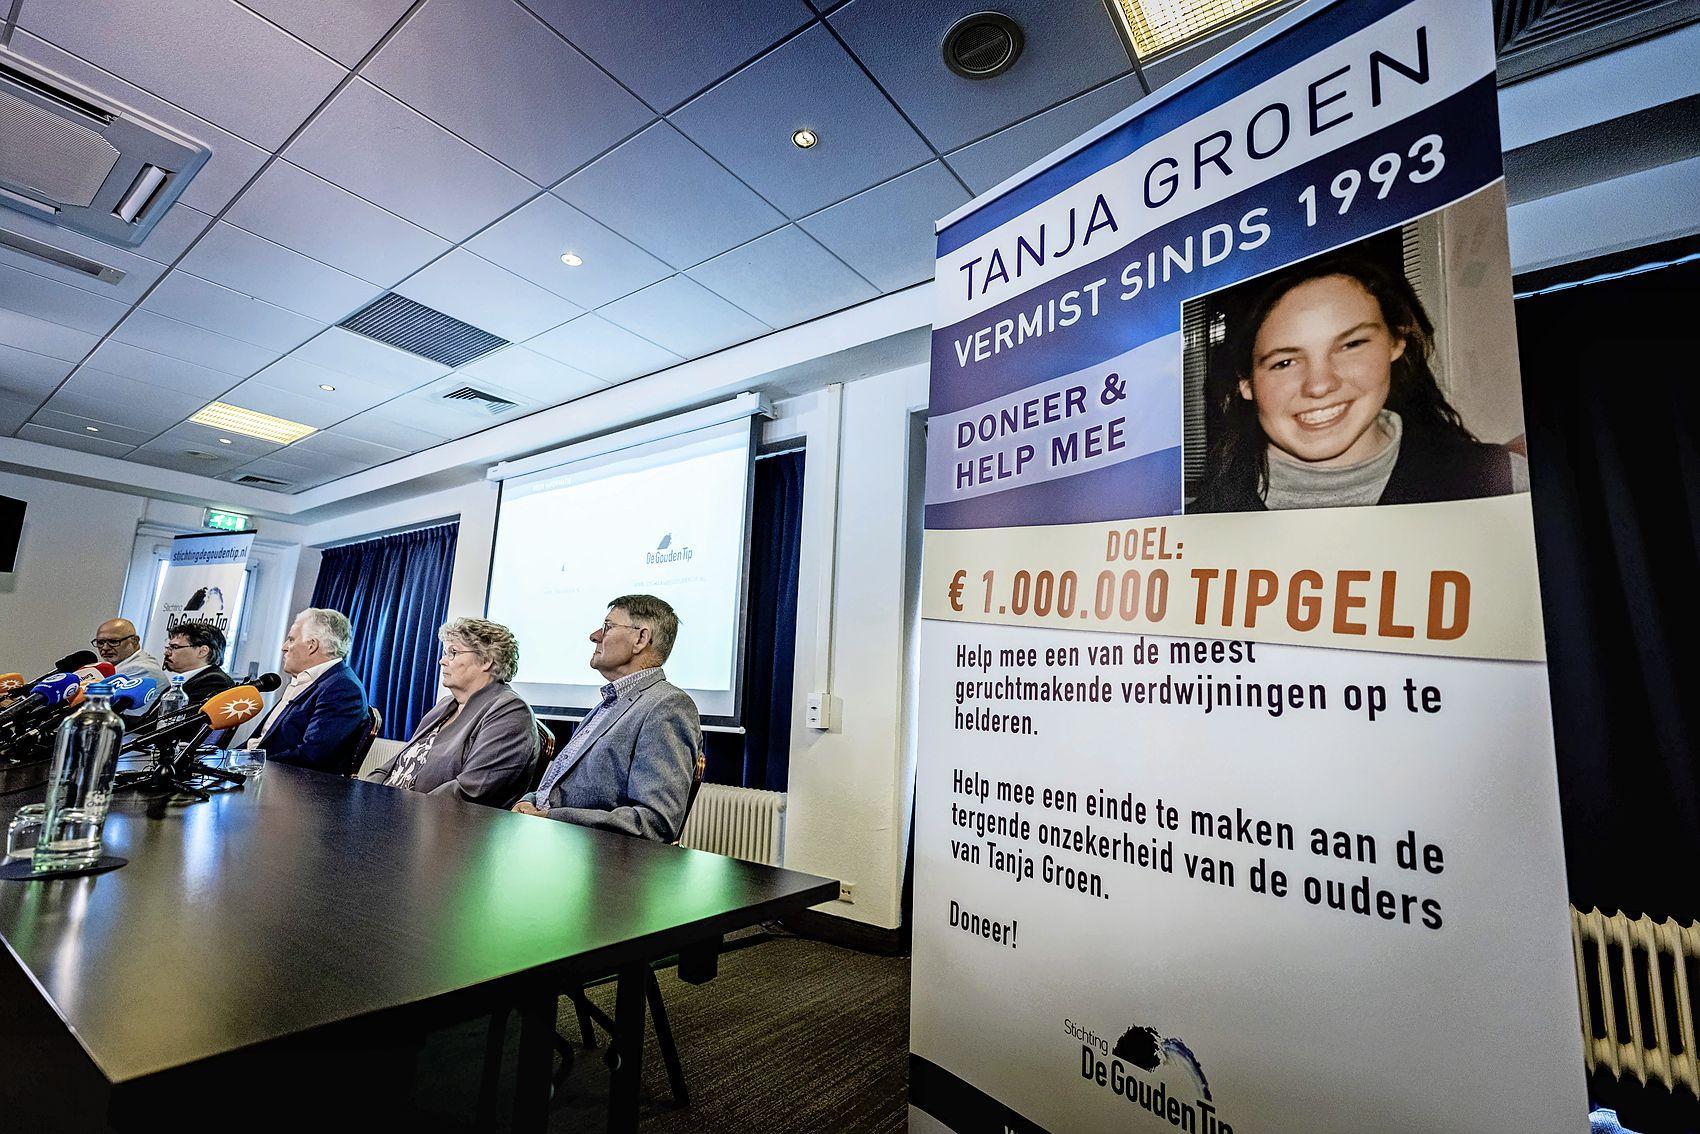 Inzamelactie gouden tip vermiste Tanja Groen opgelopen naar 1,3 miljoen euro